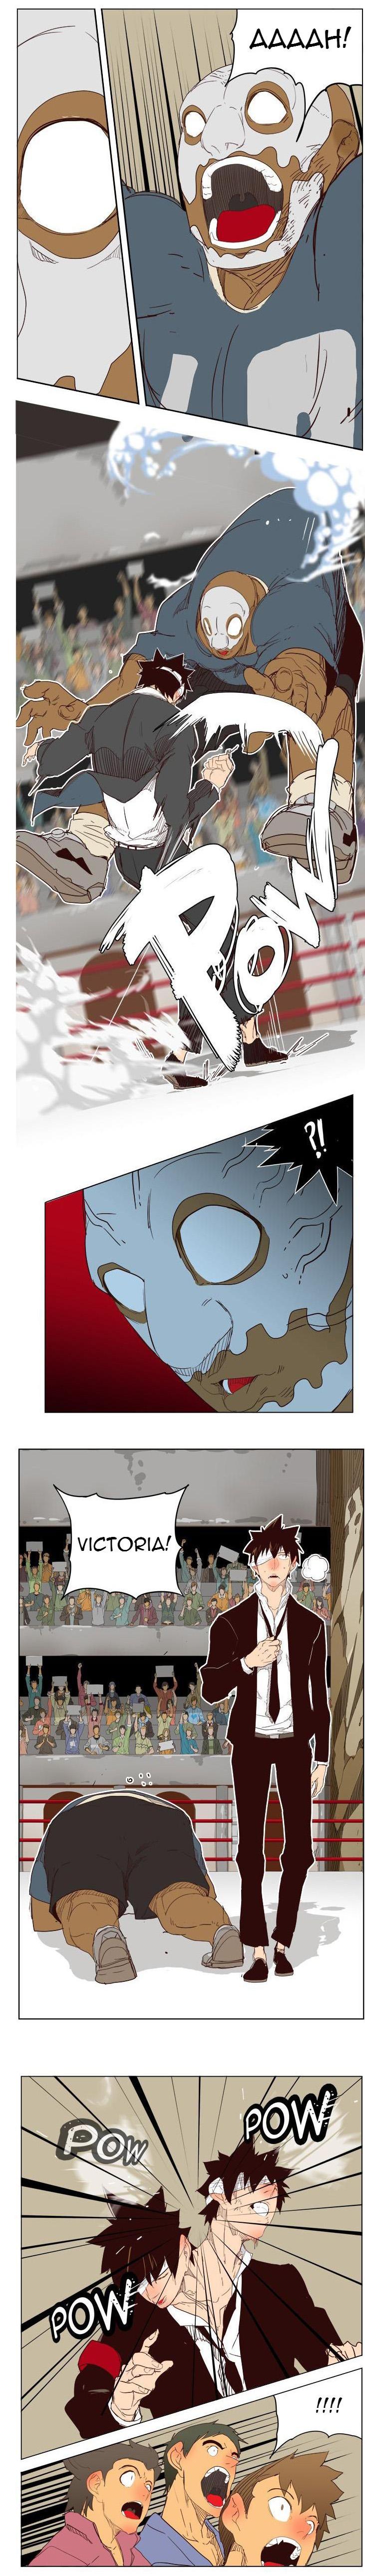 http://c5.ninemanga.com/es_manga/37/485/454637/ace4cd2a477e591206def72d935289e9.jpg Page 9